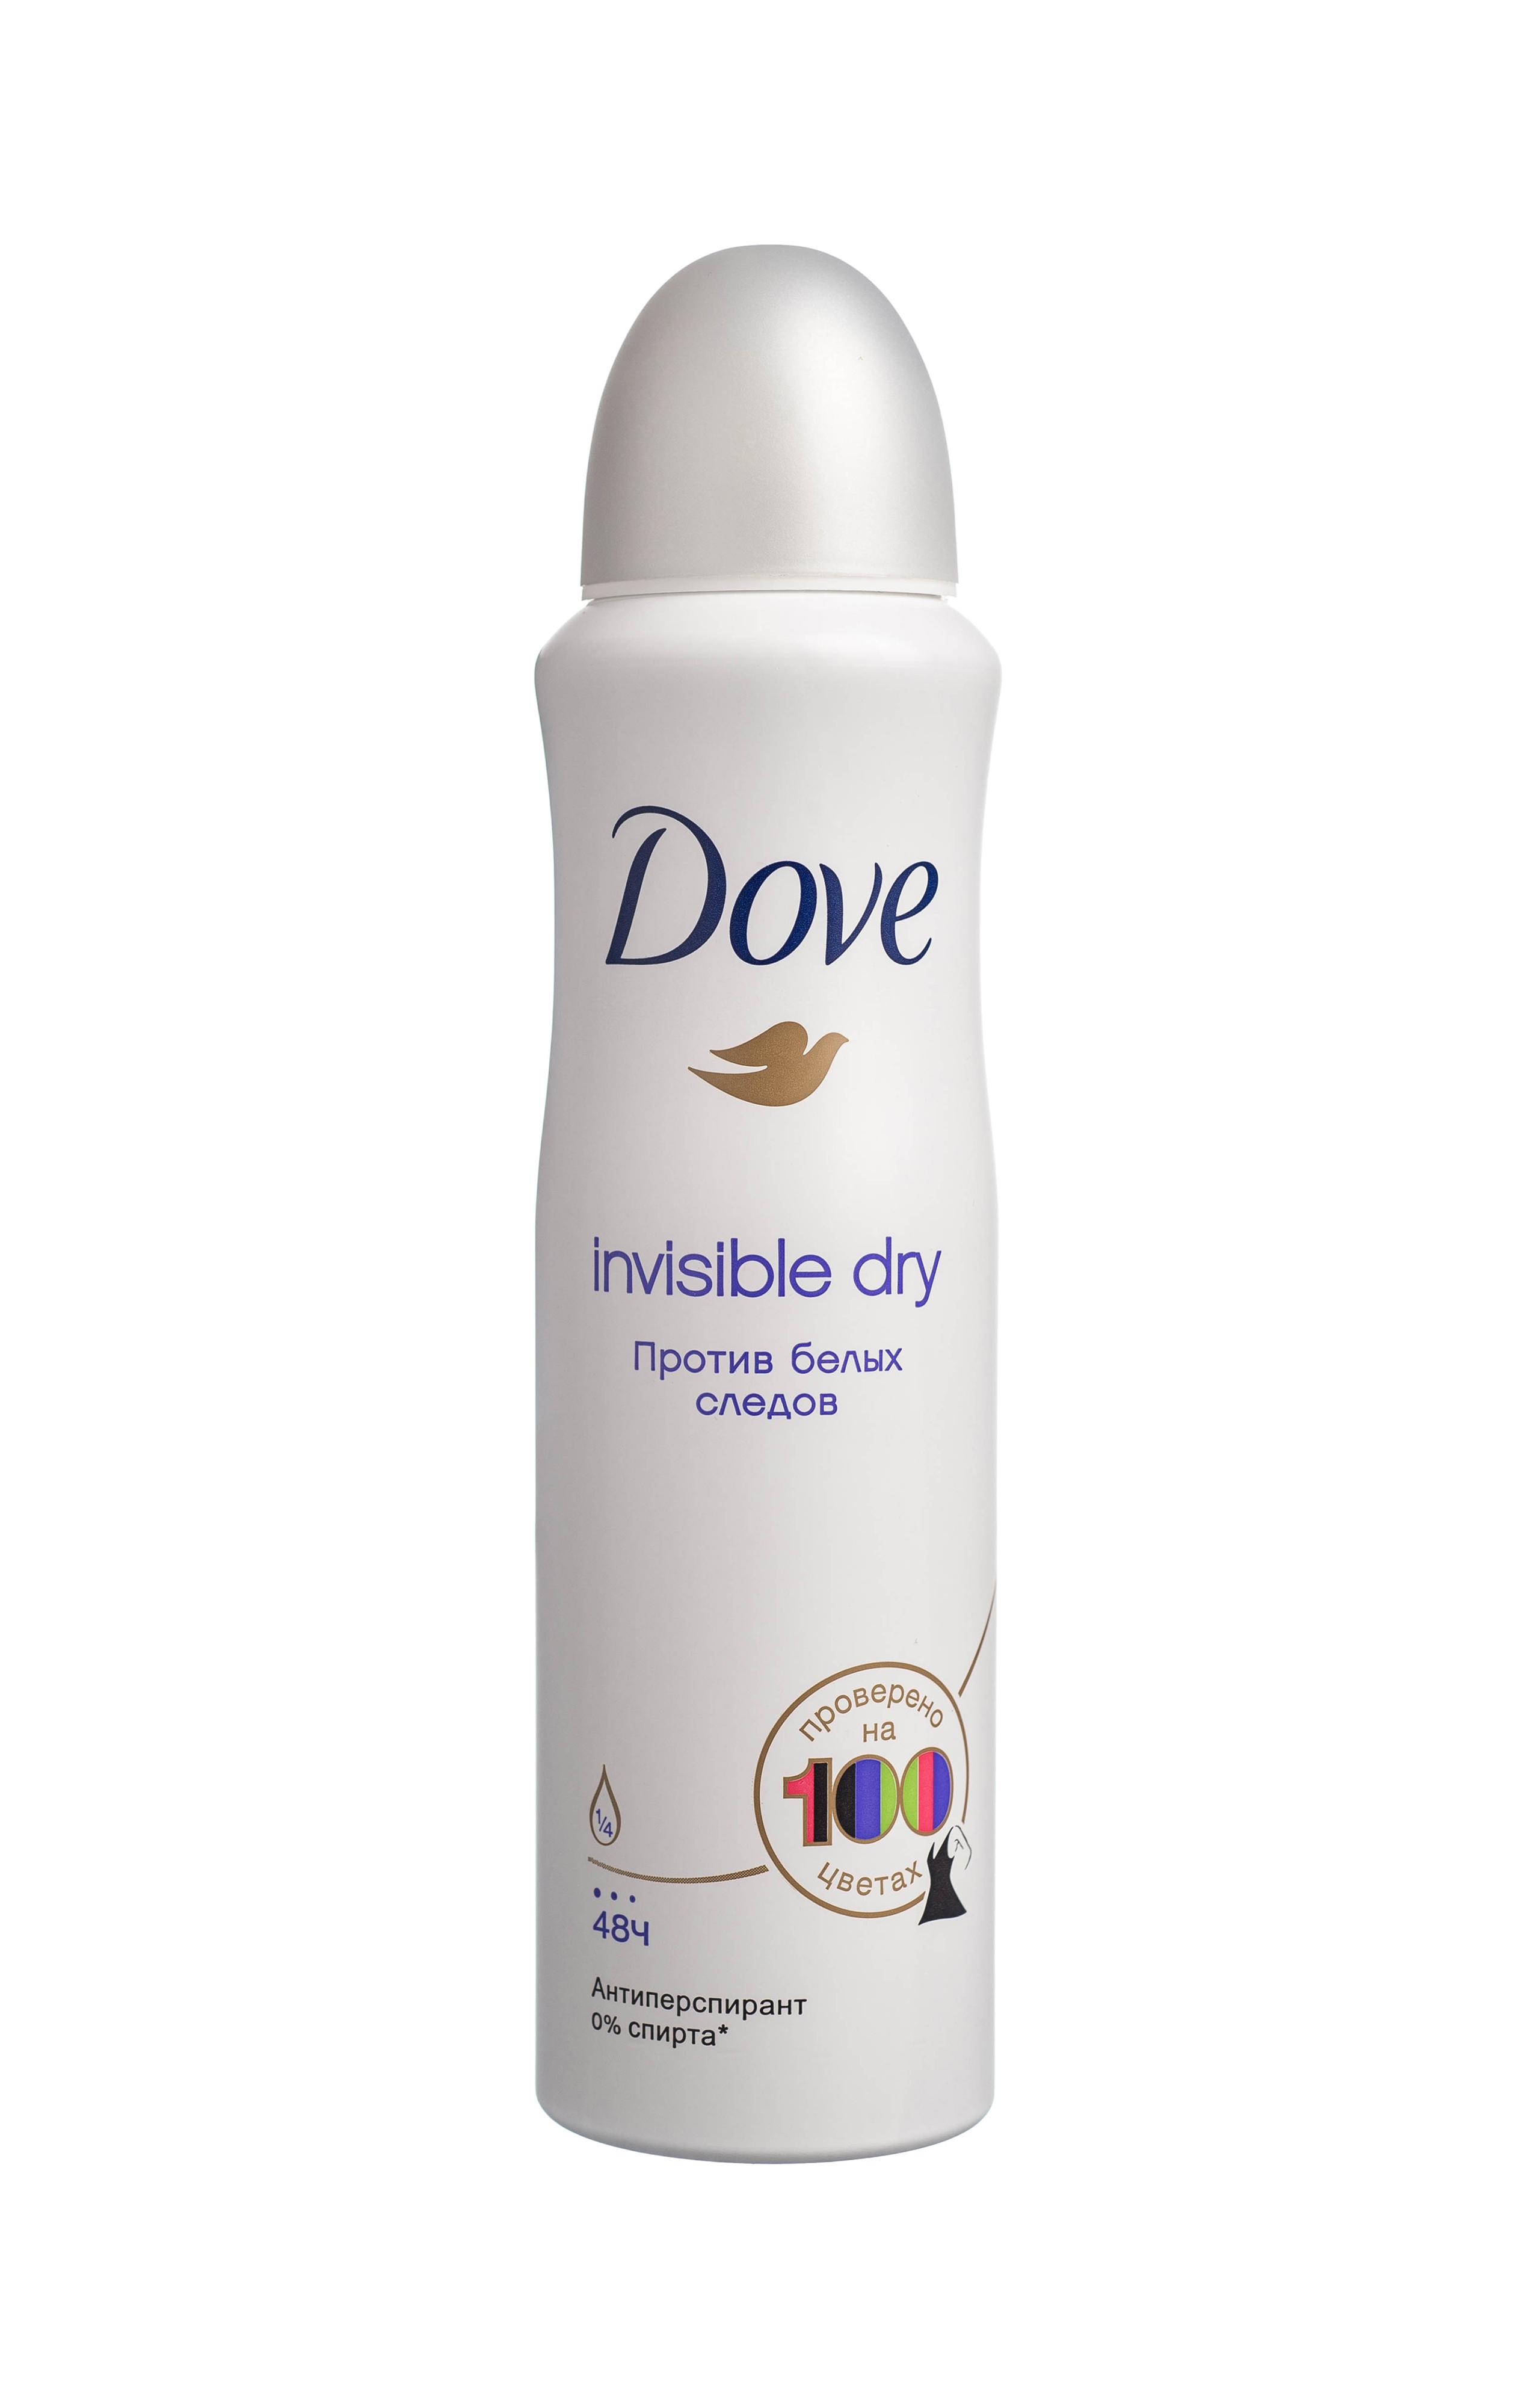 Dove Антиперспирант аэрозоль Невидимый 150 мл21132312Антиперсипрант Dove Невидимый - обеспечивает защиту от пота на 48 часов и на 1/4 состоит из особенного увлажняющего крема, который способствует восстановлению кожи после бритья, делая ее более гладкой и нежной - благодаря рецептуре с полупрозрачными микрочастицами способствует защите от белых следов Характеристики: Объем: 150 мл. Производитель: Германия. Товар сертифицирован.